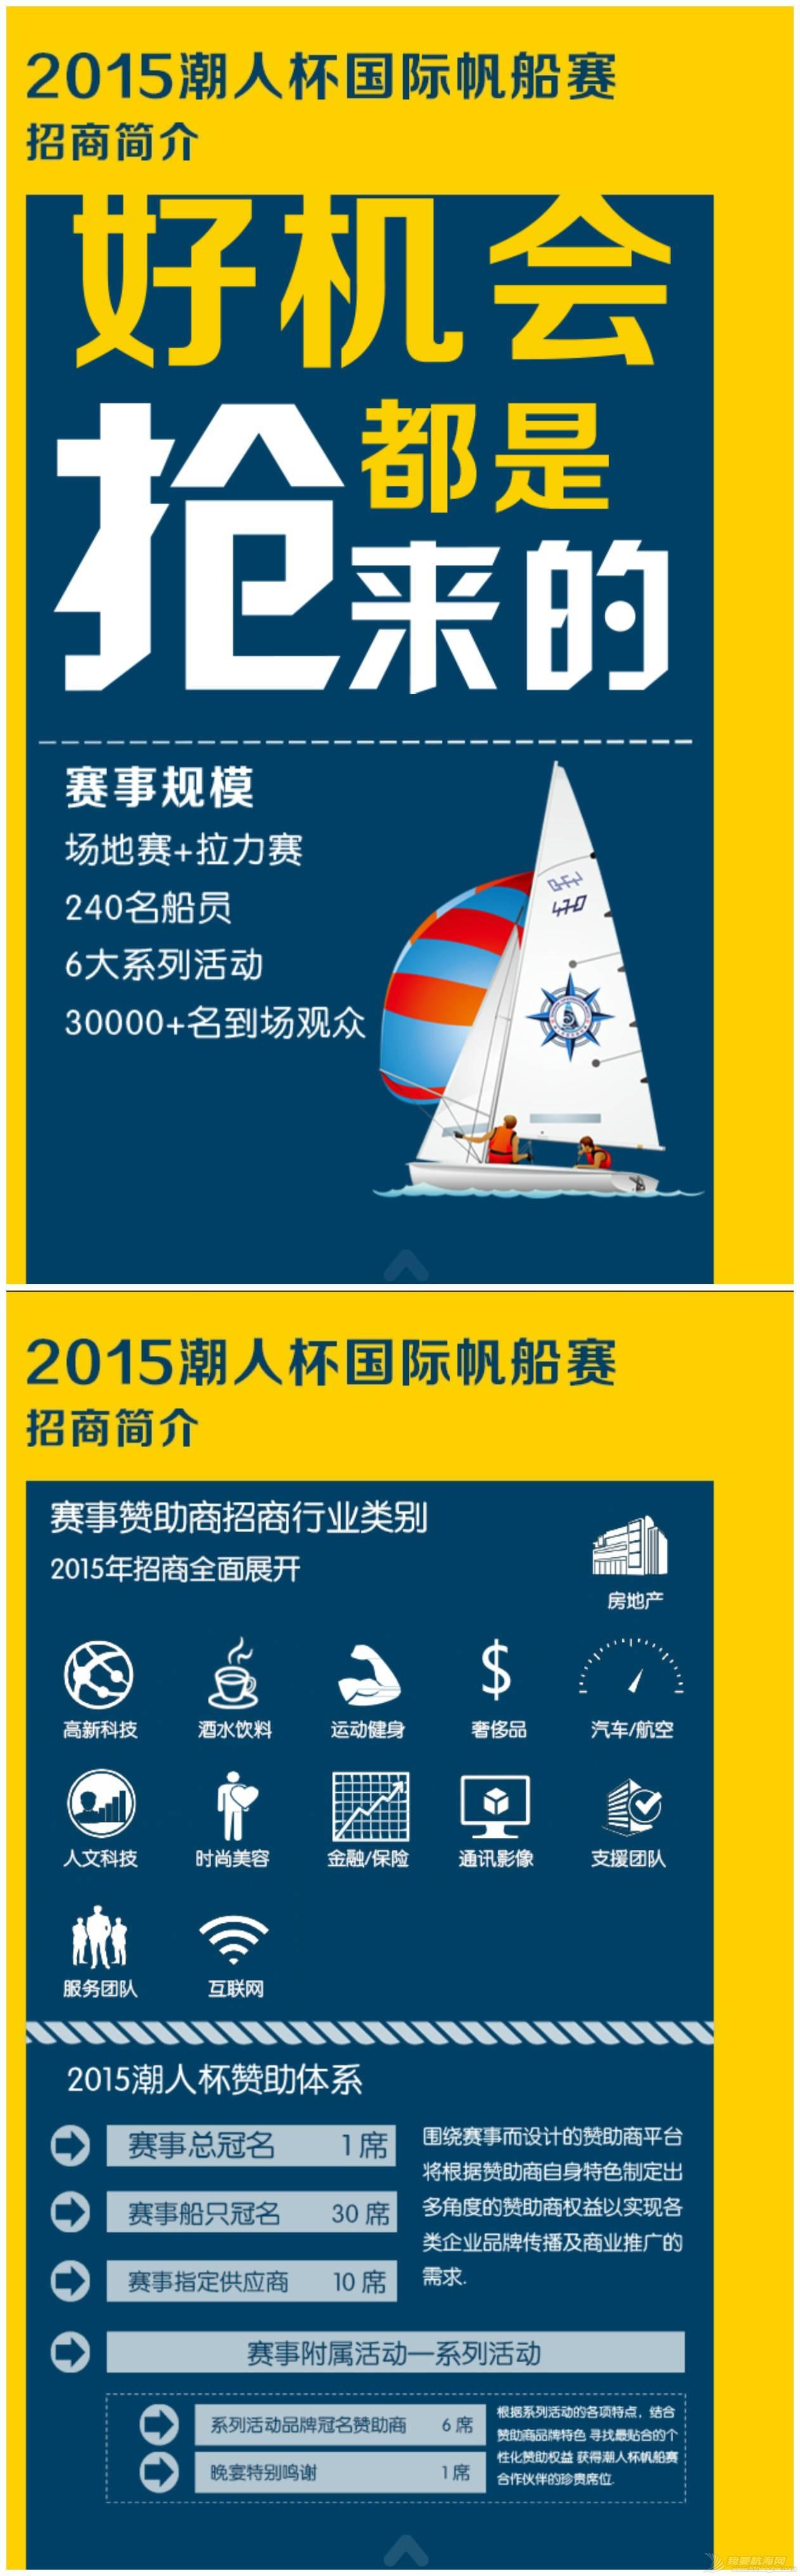 国际,微博 11月,一起扬帆潮人杯国际帆船赛! bde6dc0ae04e711bcc02fc37d6b2ebbe.jpg